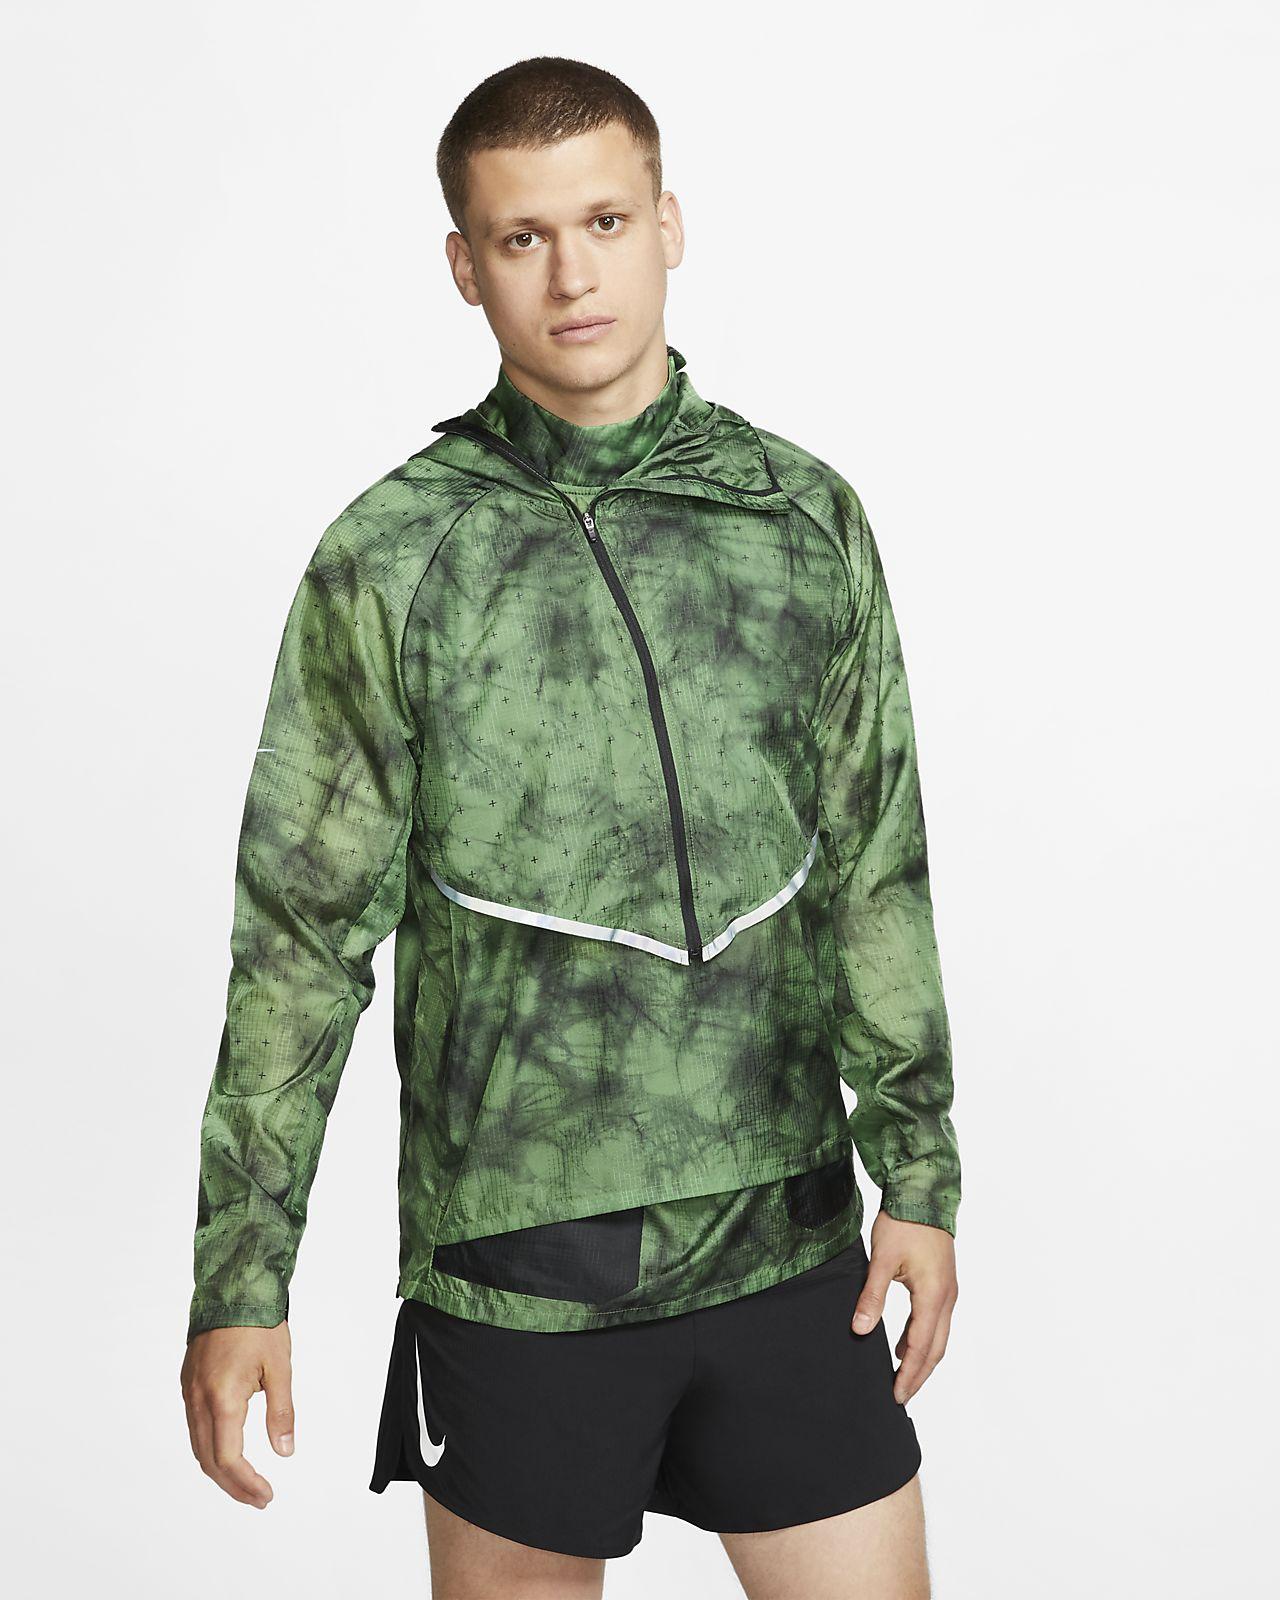 Nike Tech Pack Men's Hooded Running Jacket